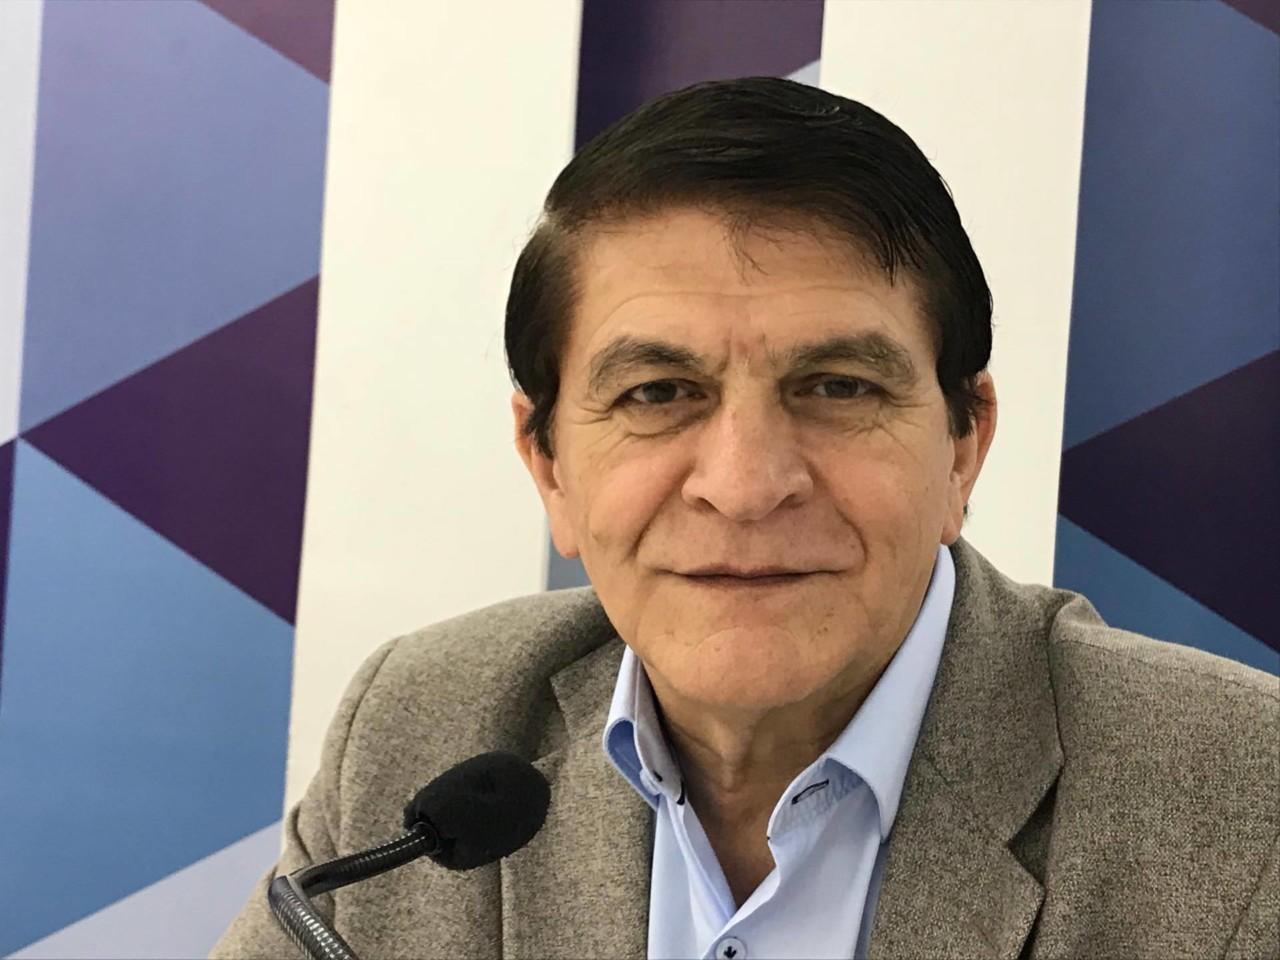 23600287 1625822267473933 1584242501 o - Presidente do CORECI comenta sobre novas tecnologias que podem suplantar o papel do corretor de imóveis